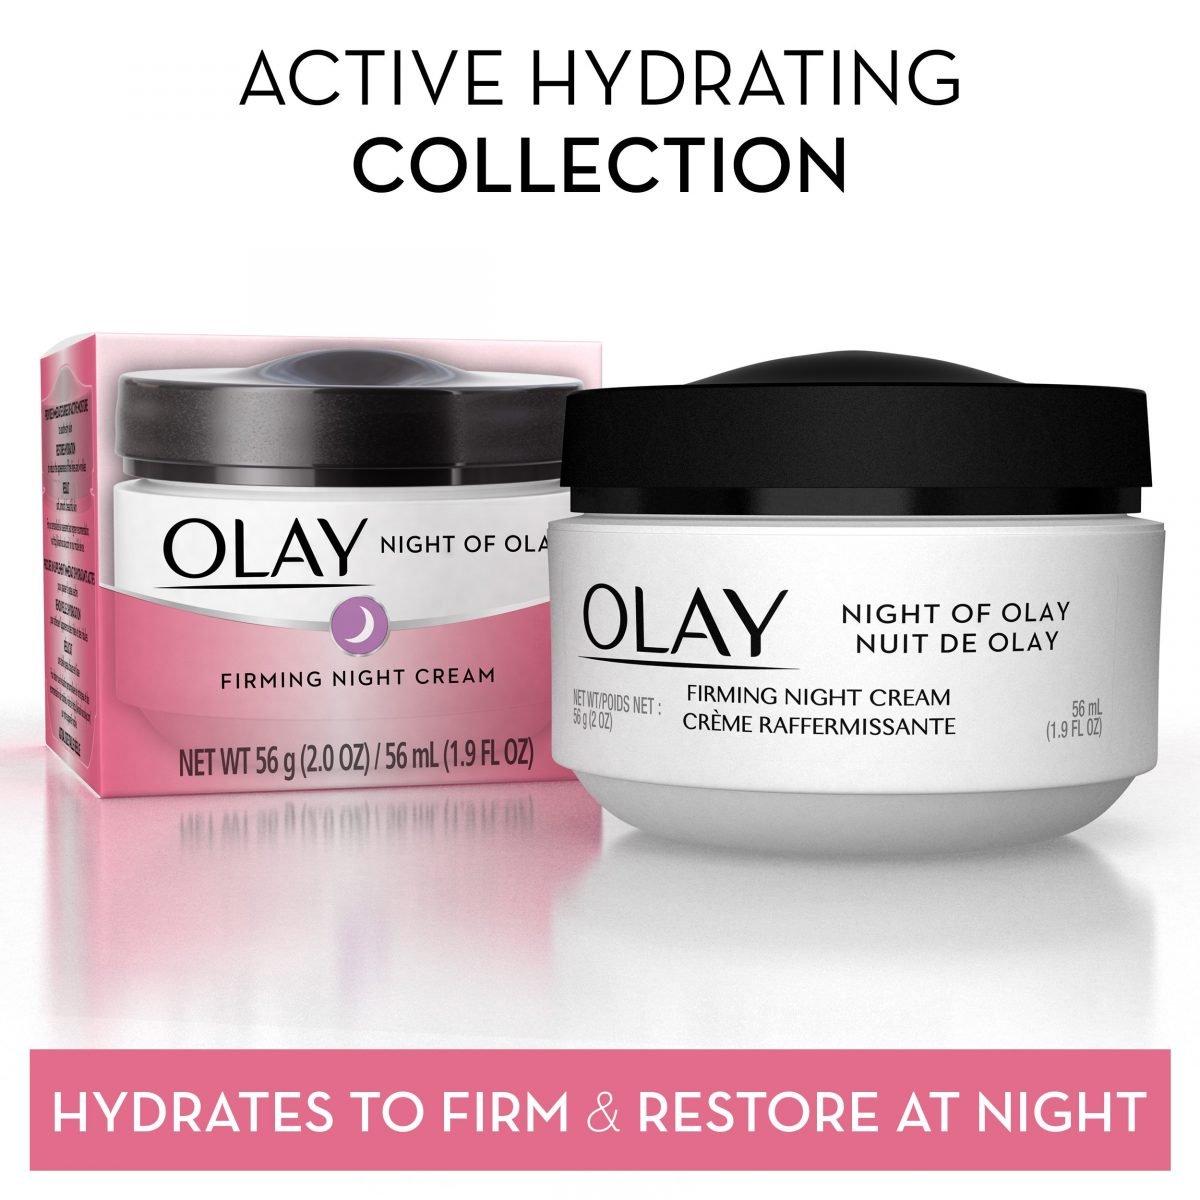 Crema hidratante facial reafirmante para la noche - Night of Olay